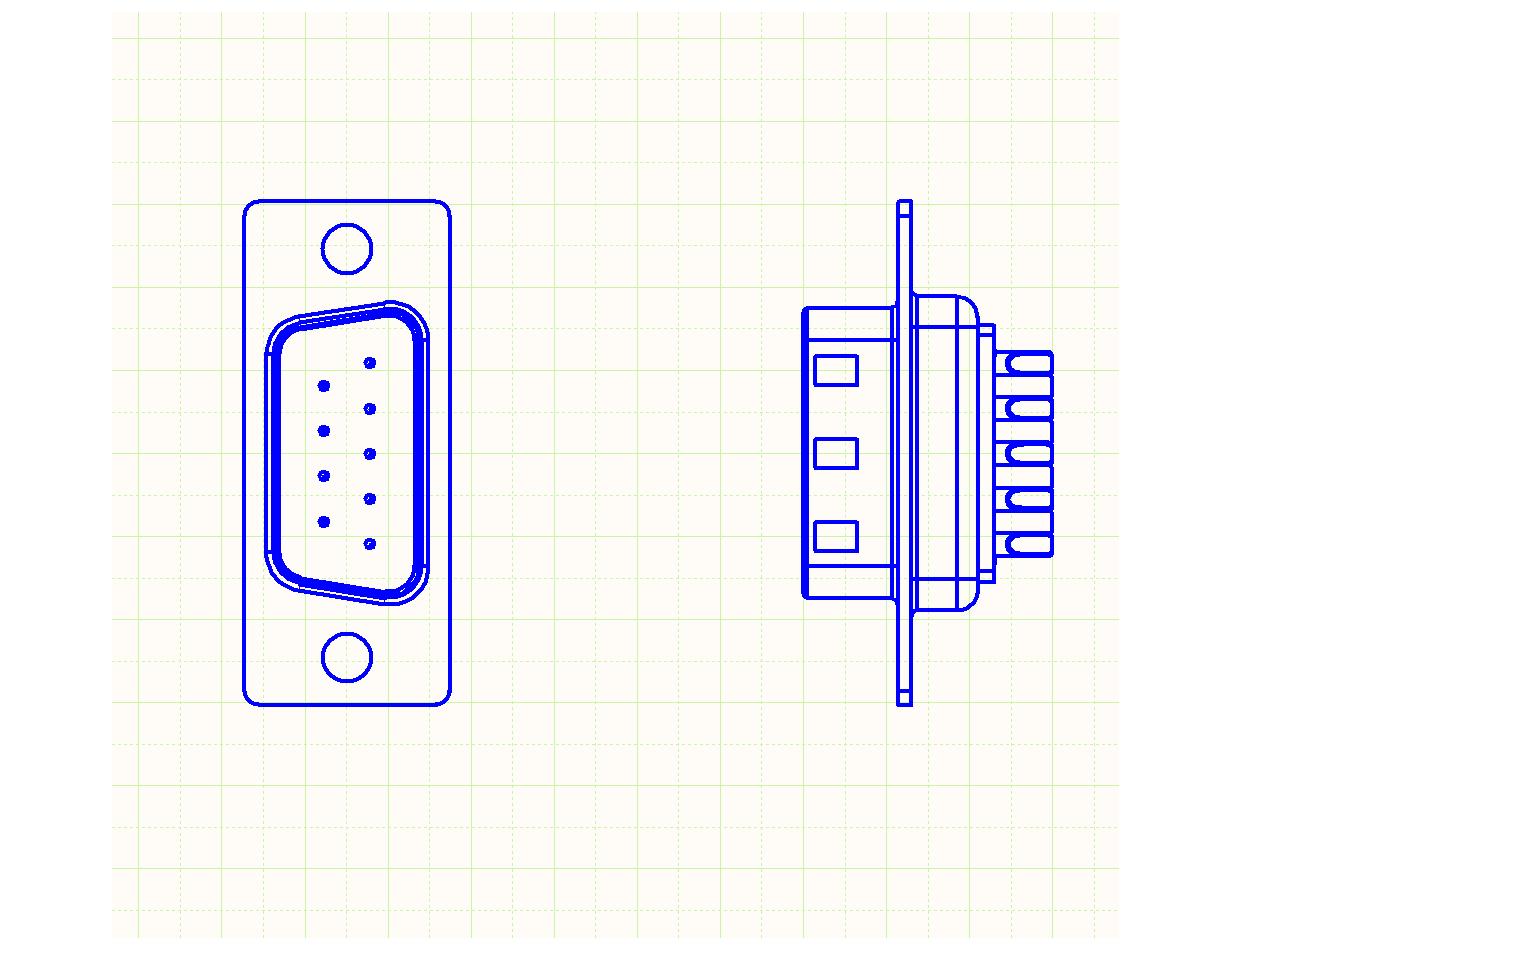 Diseño esquemático para el montaje de cables de PCB. Figura 1: Diseño 1:1 del cabezal del conector